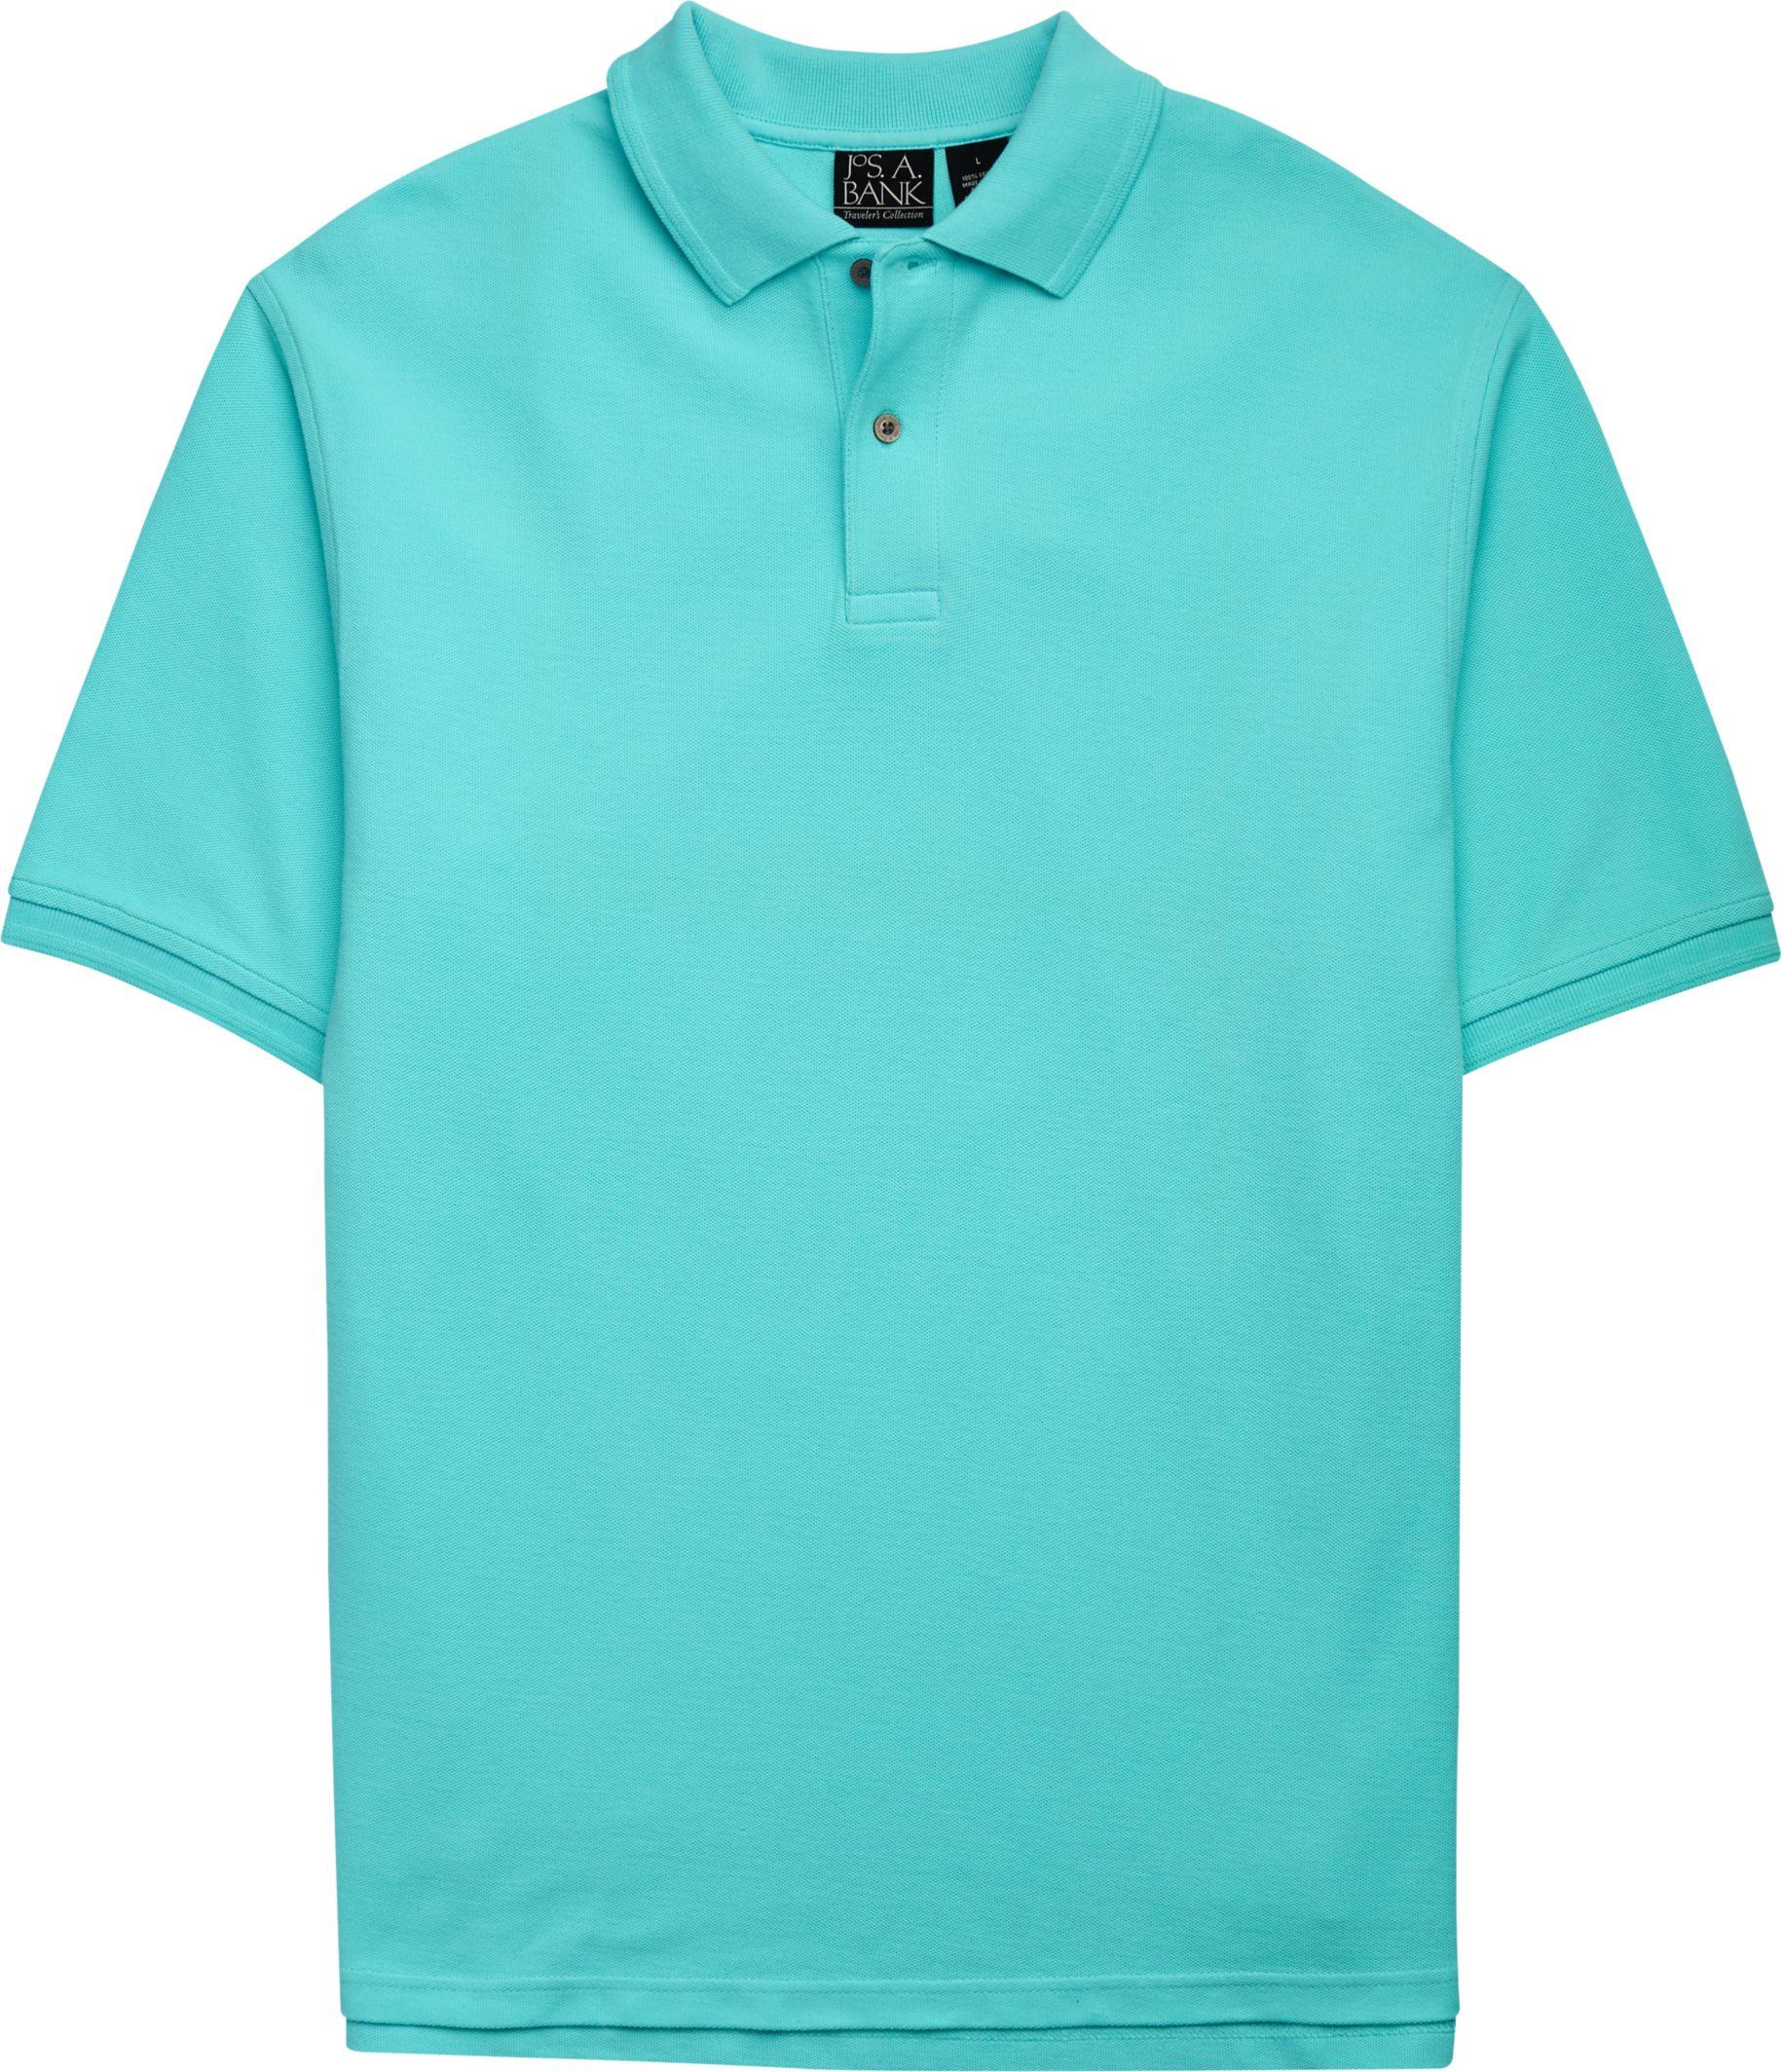 0c110e1c Traveler Collection Short-Sleeve Pique Polo